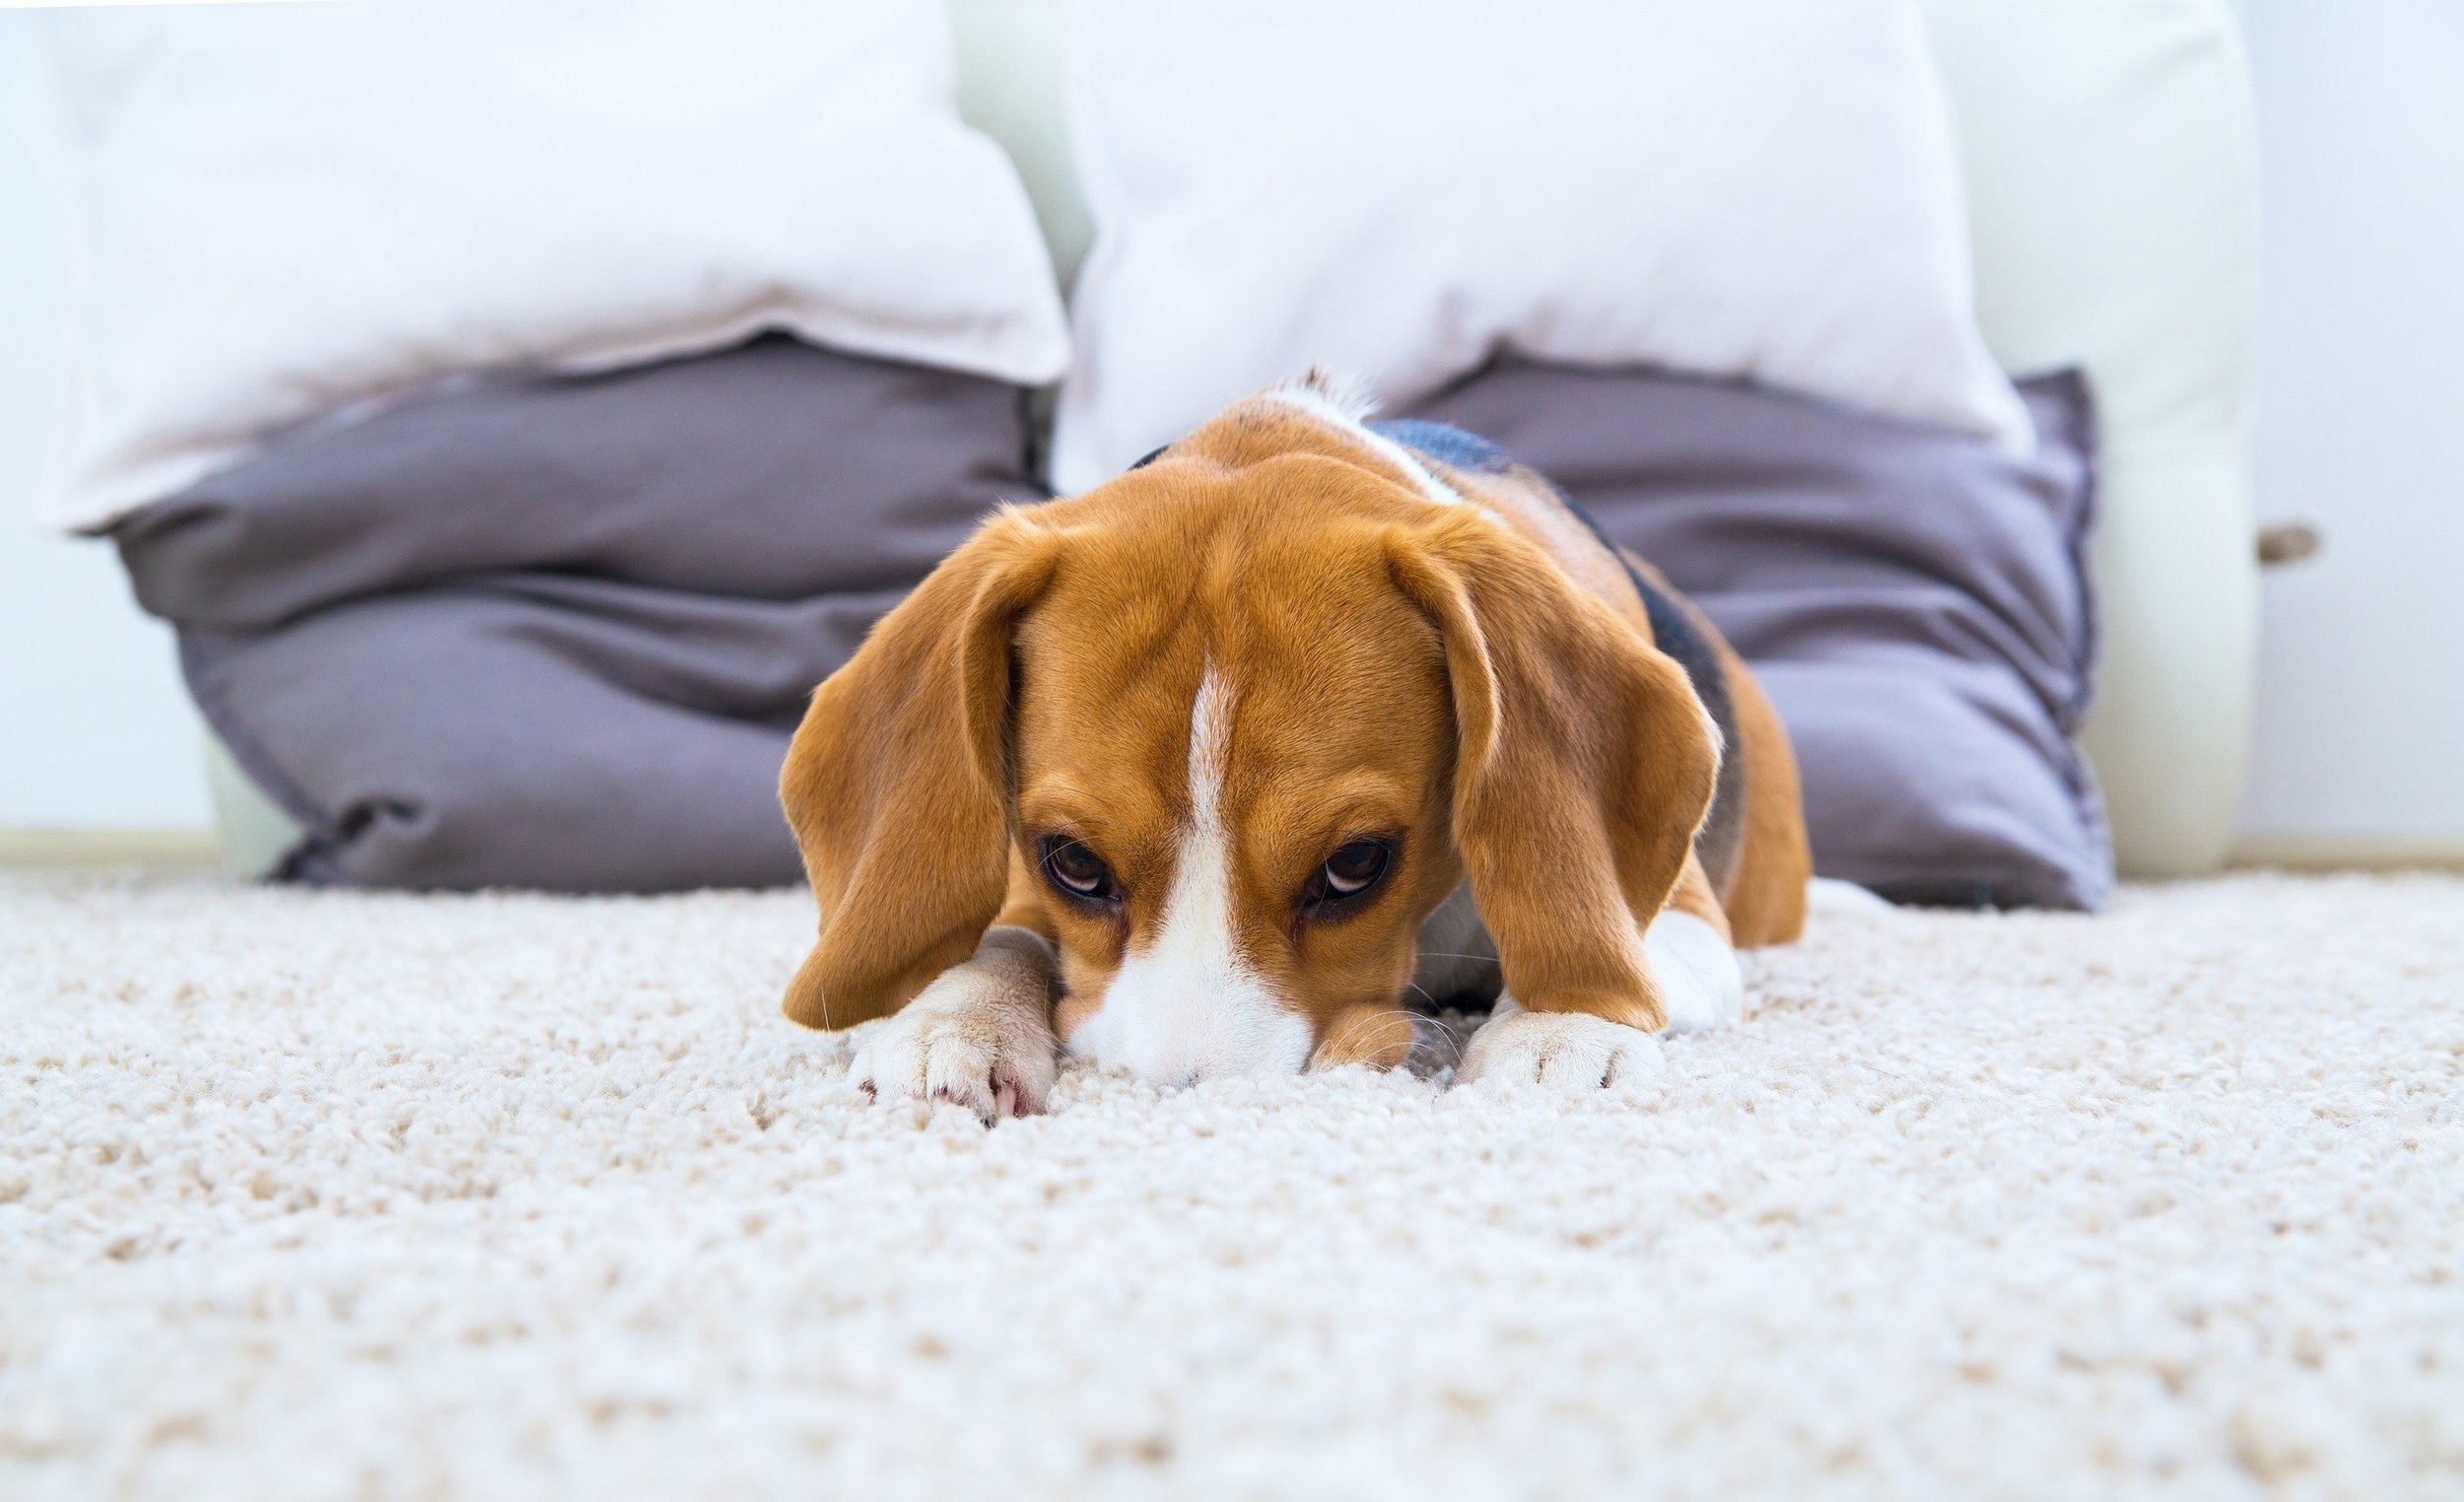 bigstock-Dog-Relaxing-On-The-Carpet-113989028.jpg